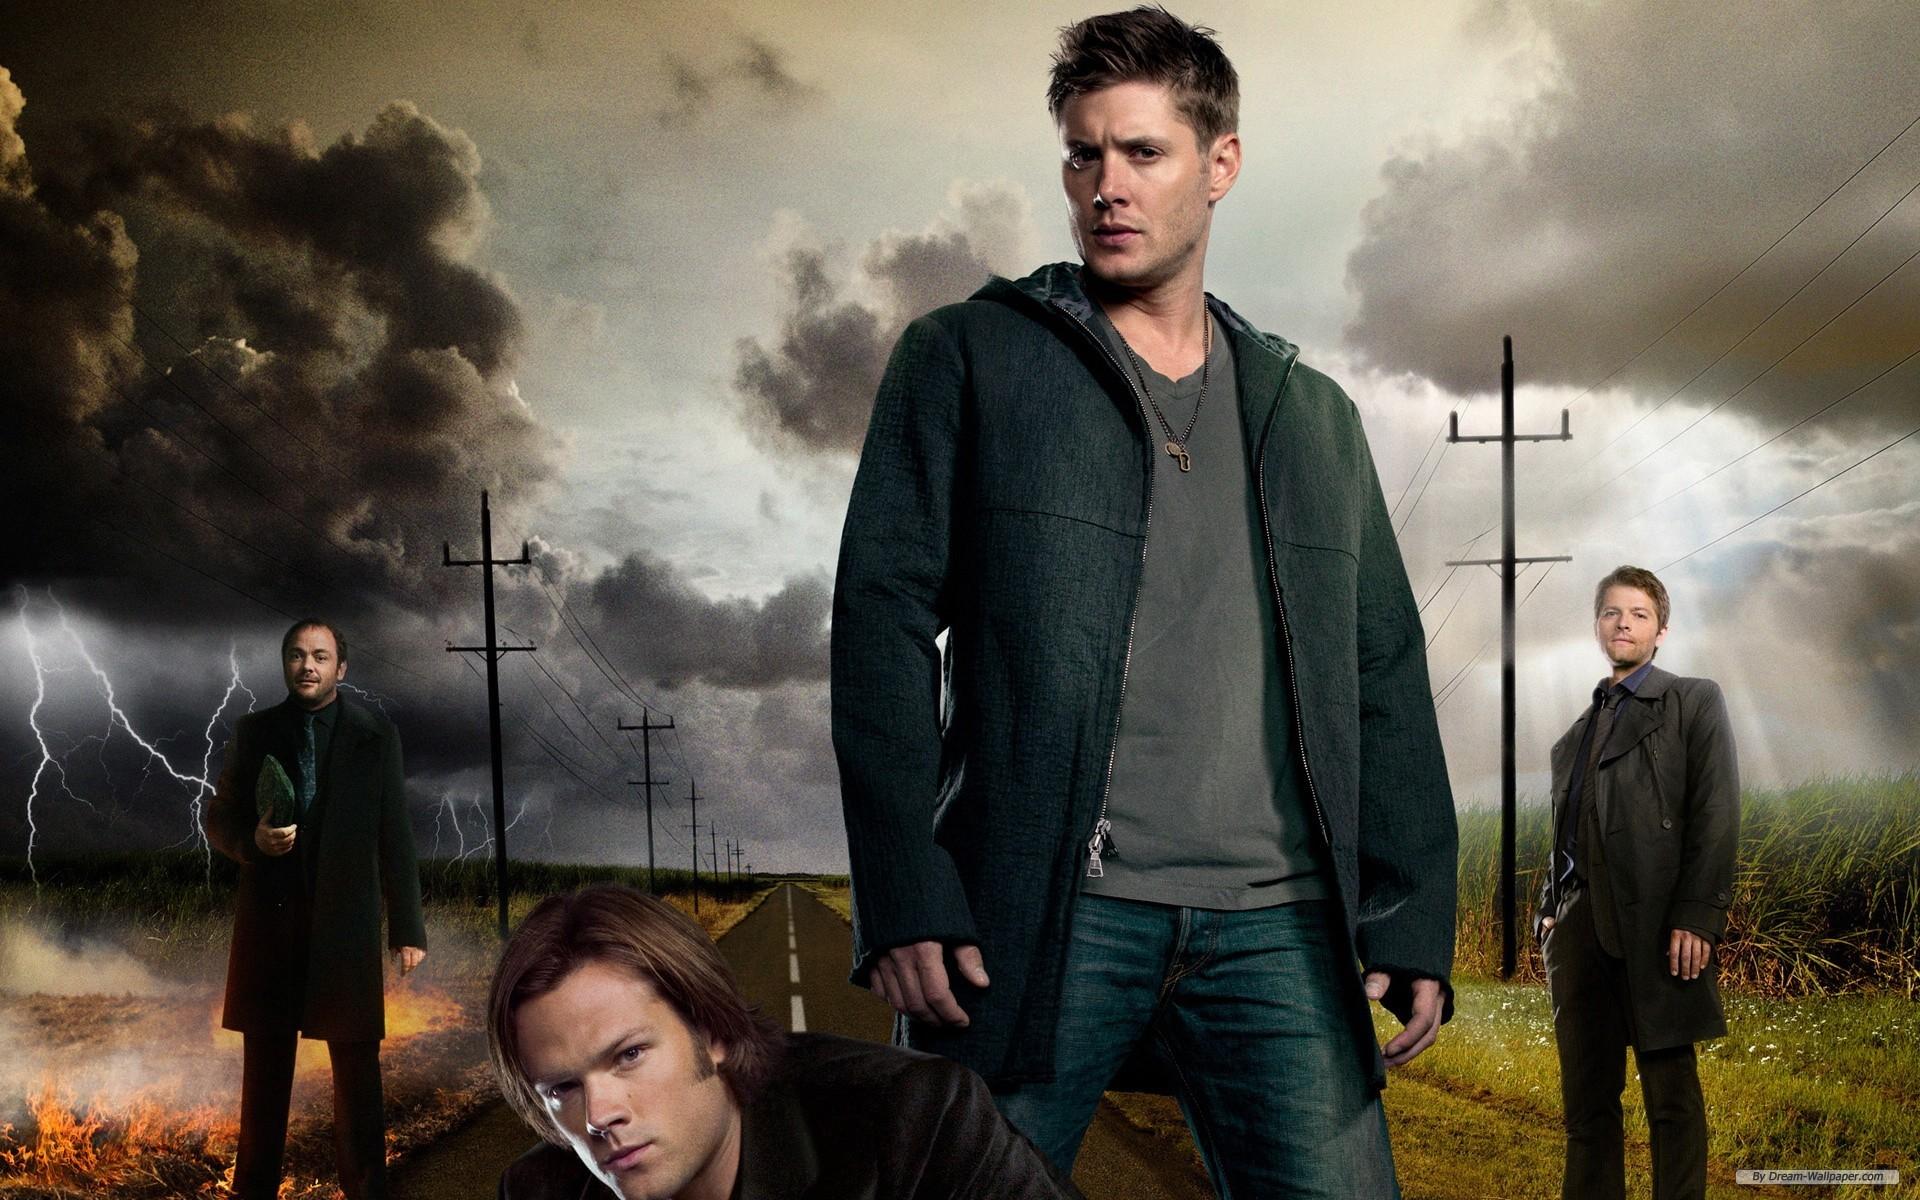 46+] Supernatural Wallpaper Season 11 on WallpaperSafari